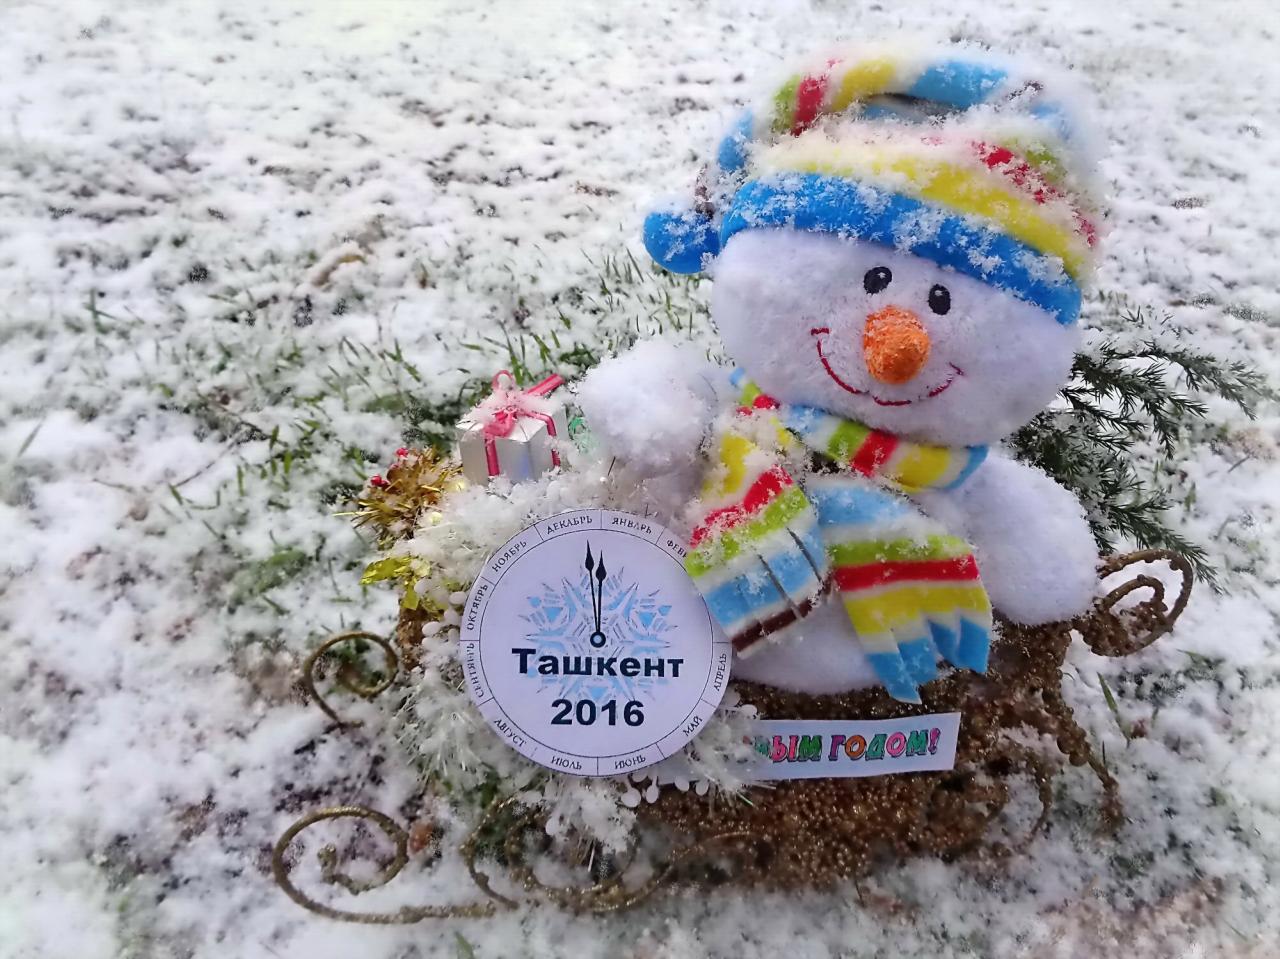 Ташкент всех поздравляет с наступающим Новым годом!